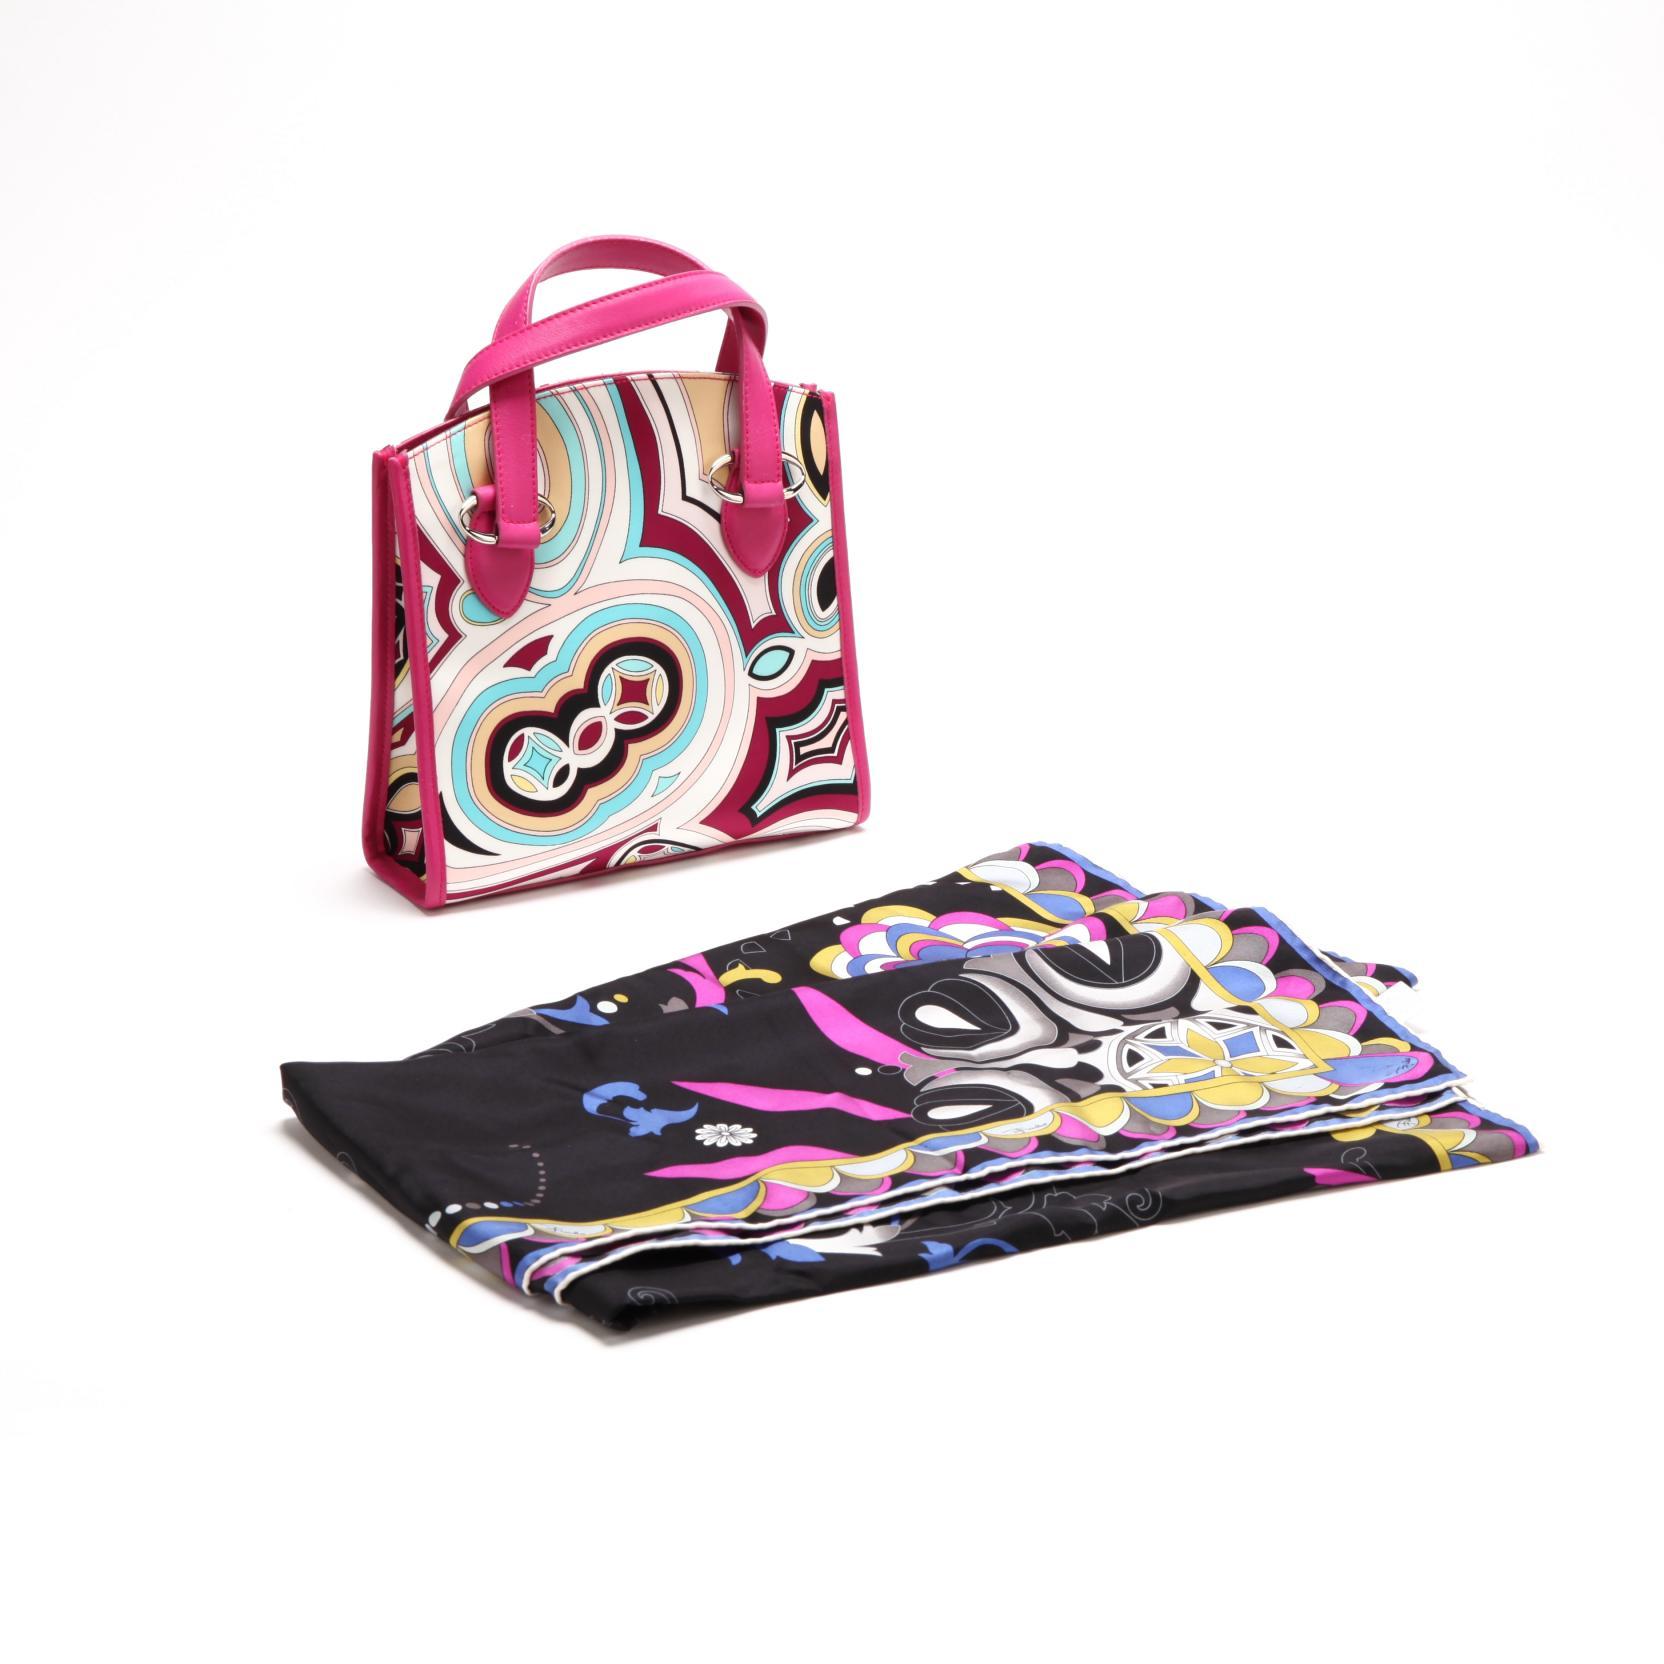 two-emilio-pucci-fashion-accessories